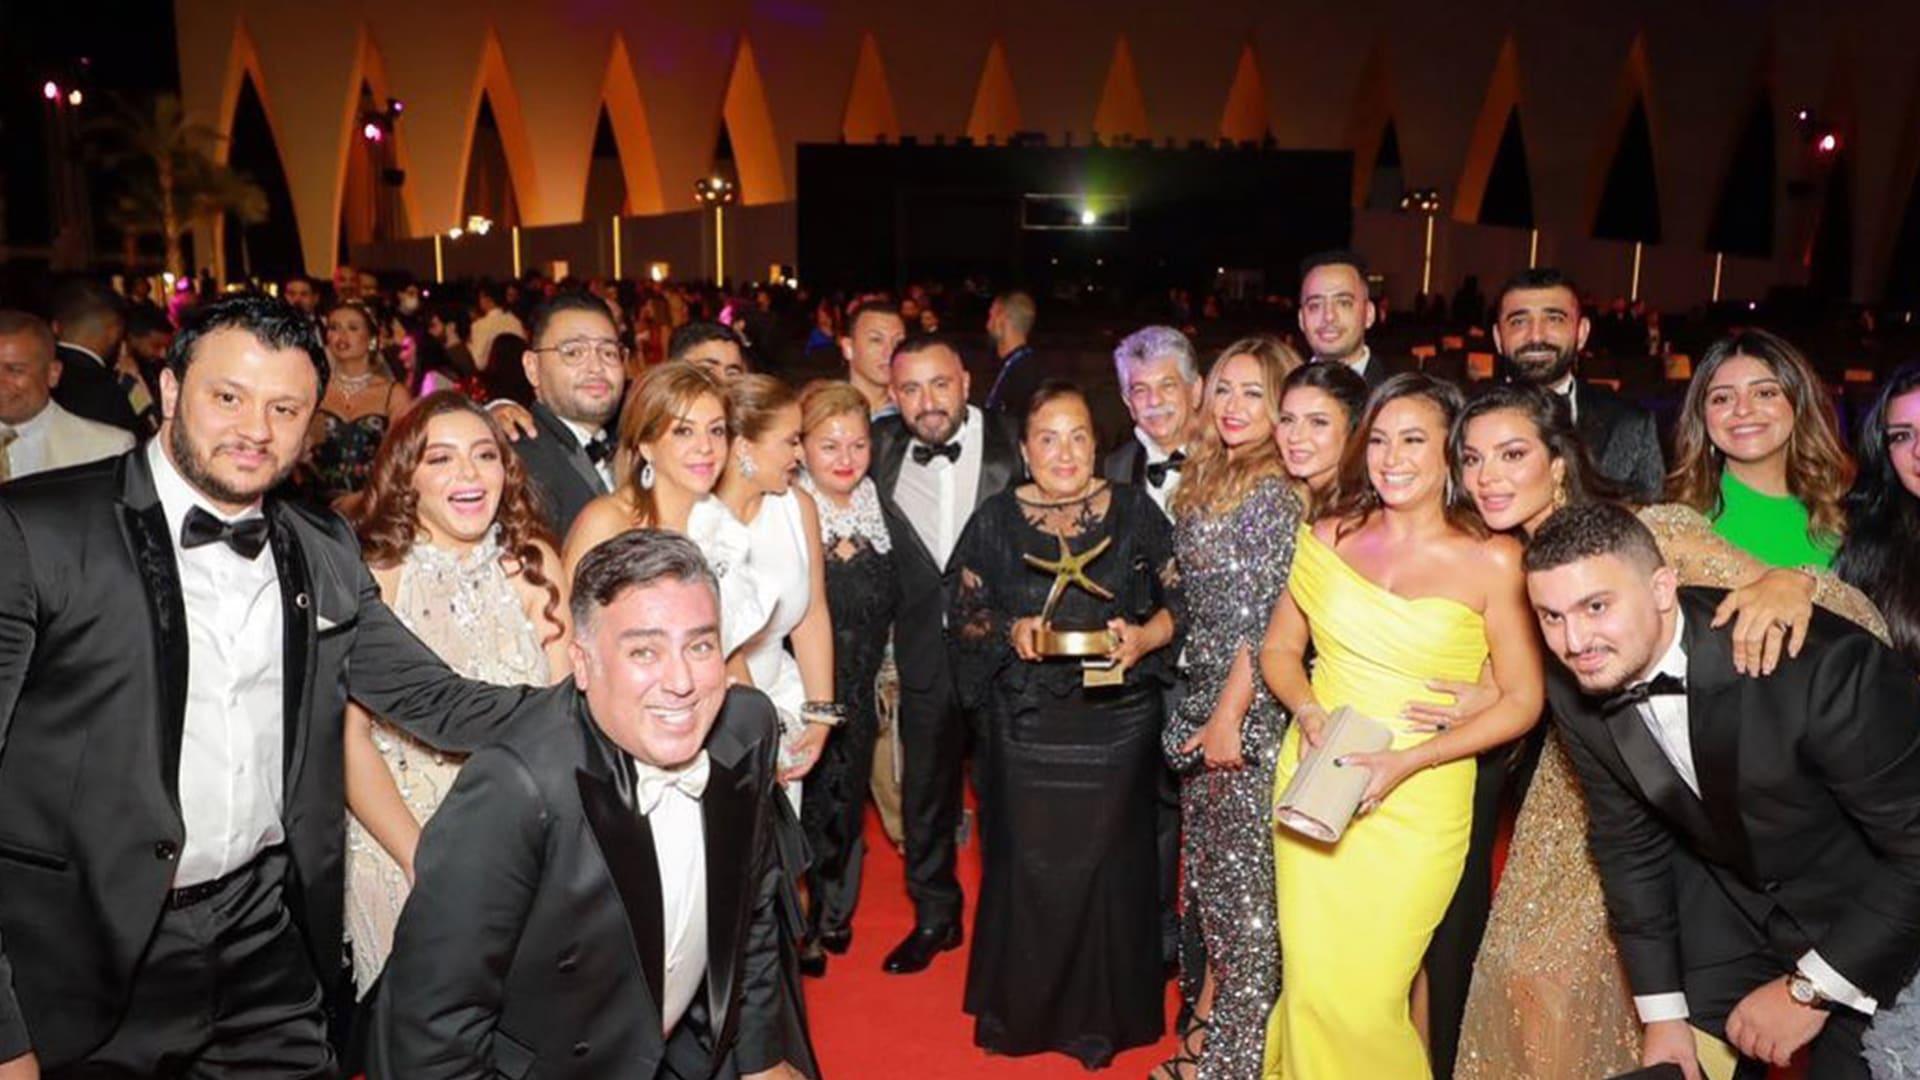 صورة جماعية لمجموعة من النجوم العرب في مهرجان الجونة السينمائي